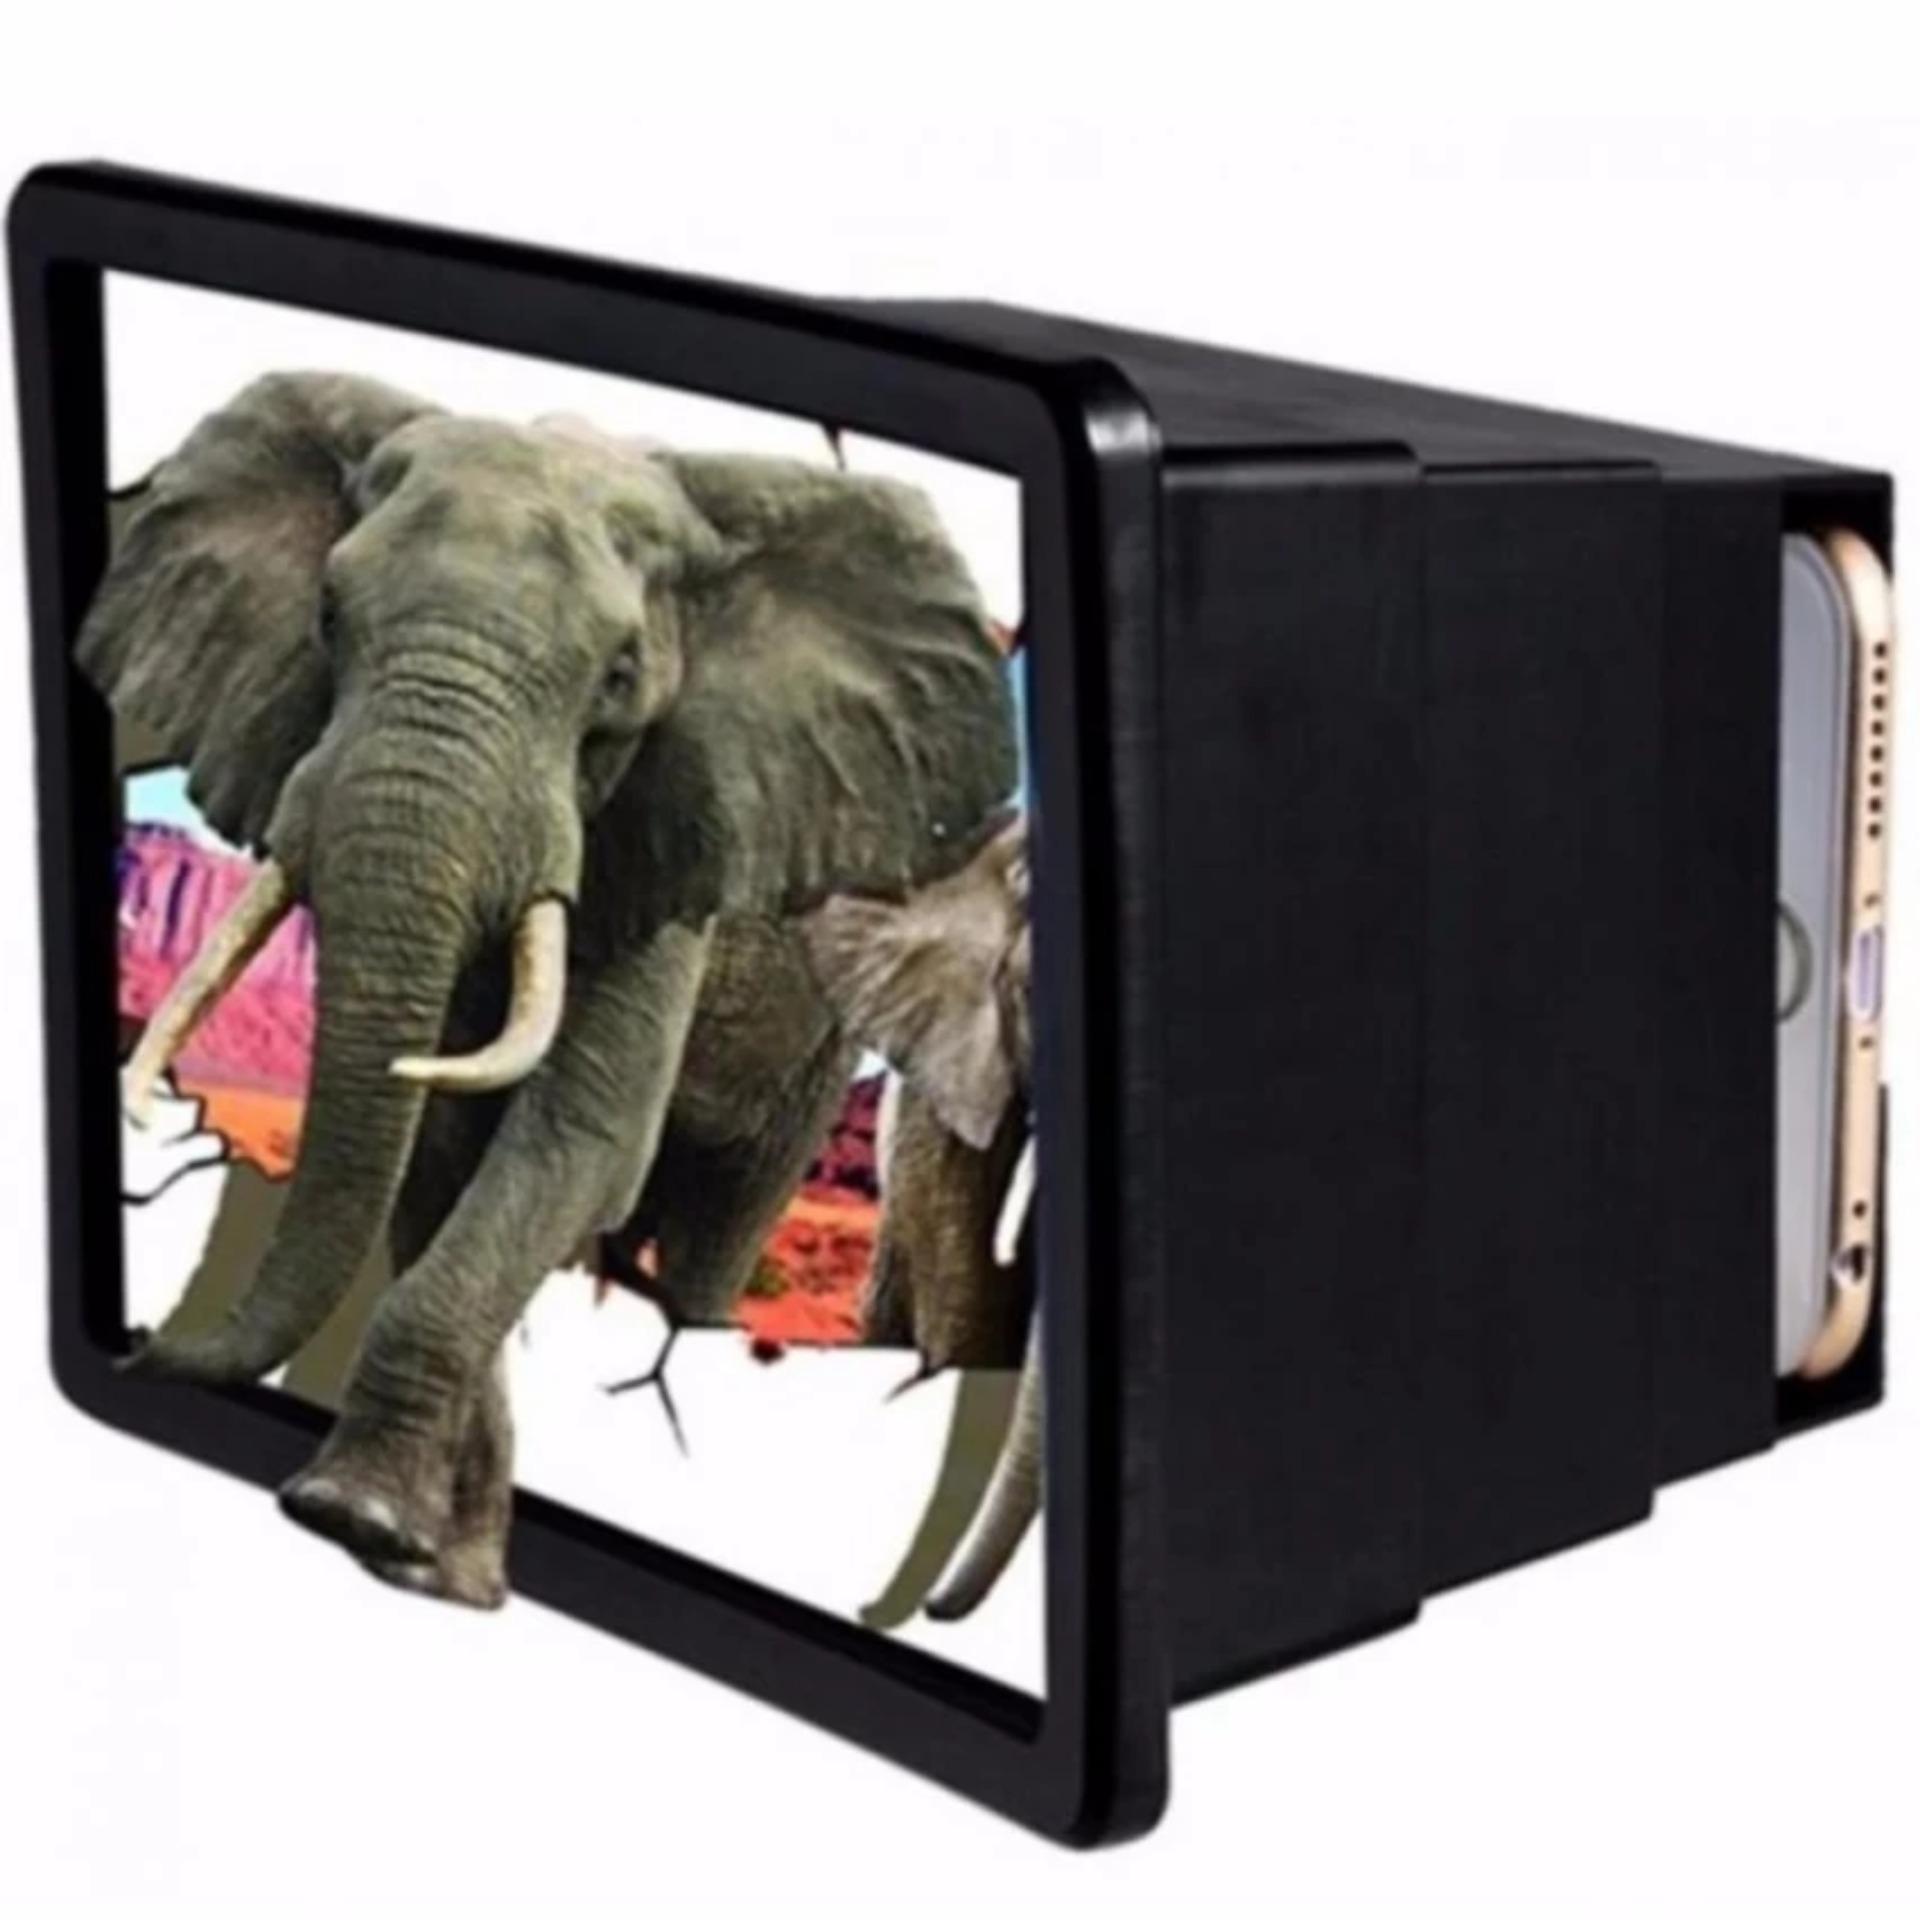 Hộp kính 3D phóng to màn hình điện thoại Smartphone F2 đen